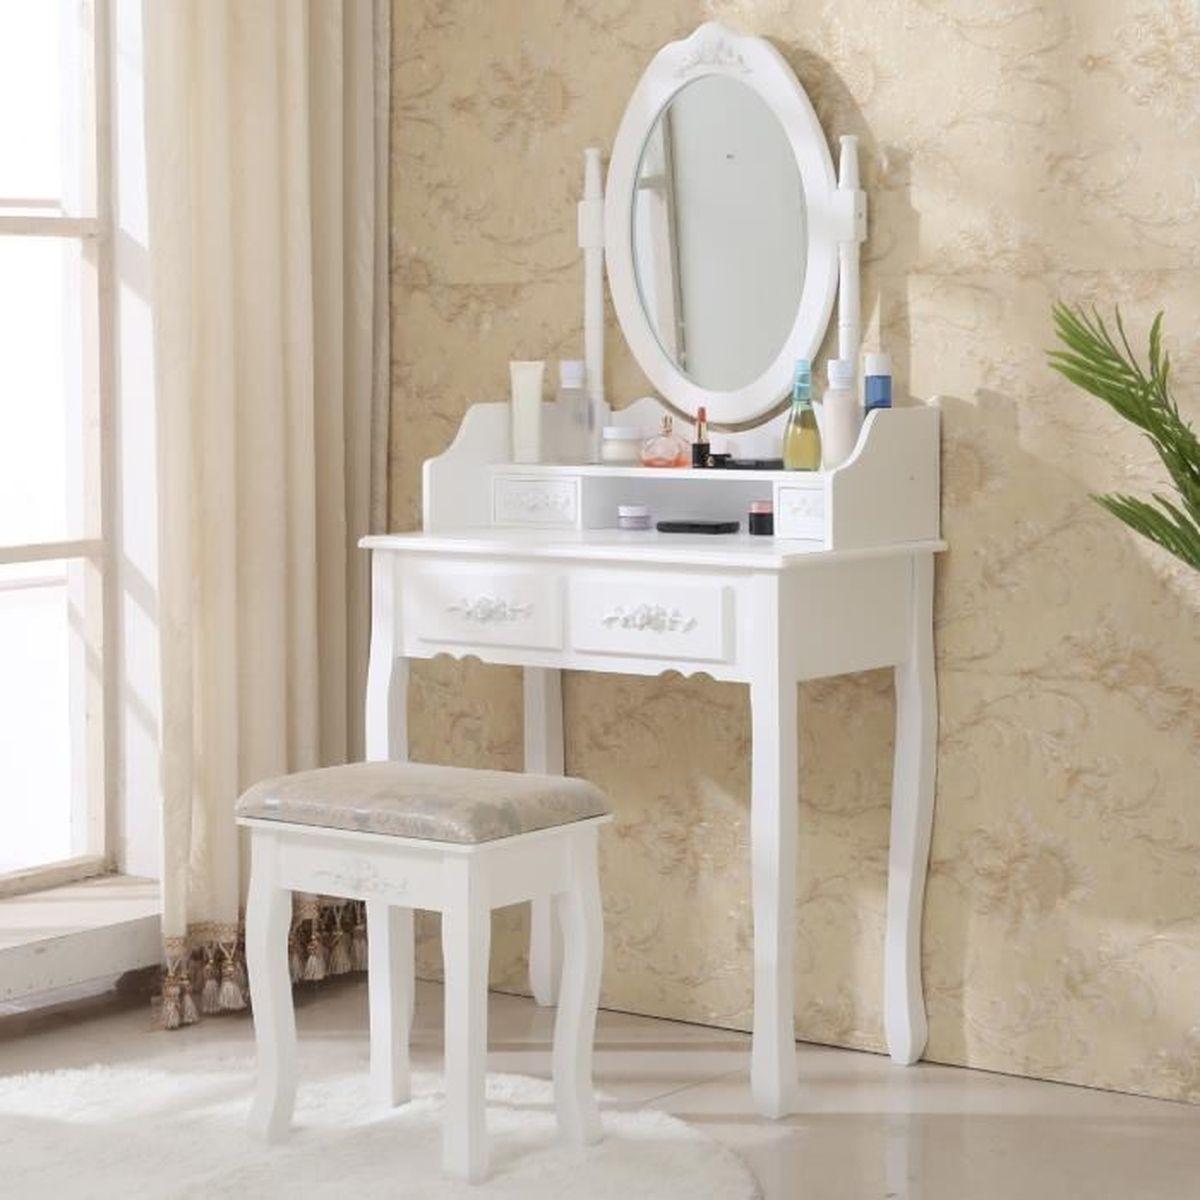 COIFFEUSE Coiffeuse blanche avec miroir et tabouret pour cha